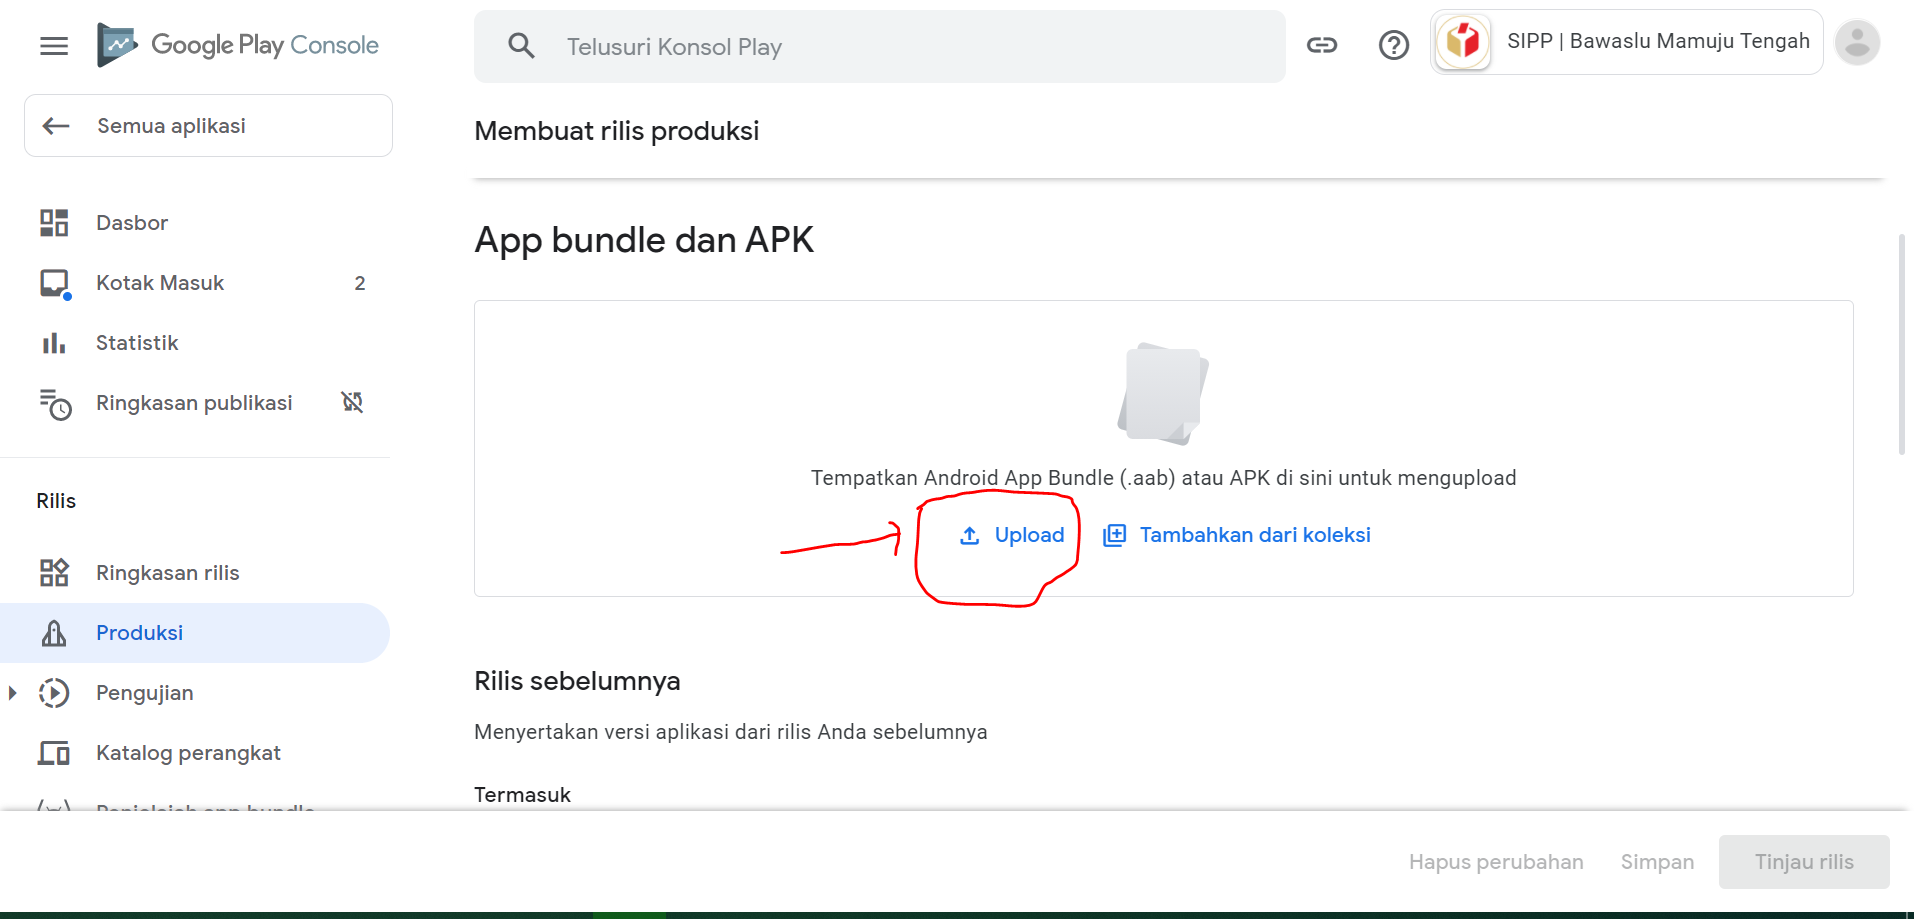 Klik upload aplikasi untuk update aplikasi di google play